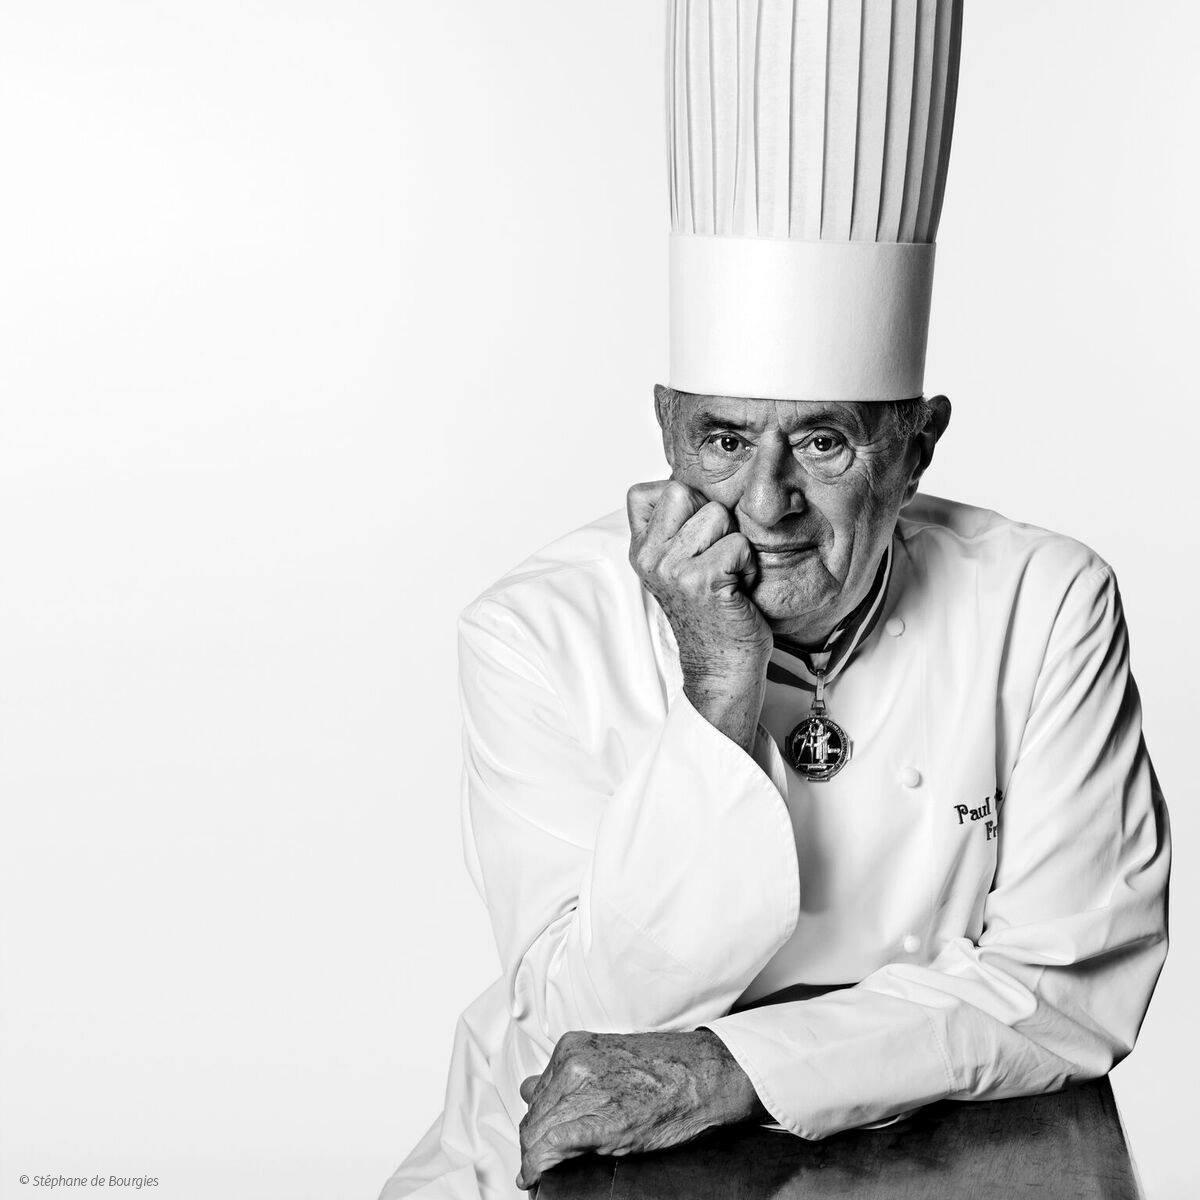 Paul Bocuse est mort, la Gastronomie est en deuil. Monsieur Paul, c'était la France. Simplicité & générosité. Excellence & art de vivre. Le pape des gastronomes nous quitte. Puissent nos chefs, à Lyon, comme aux quatre coins du monde, longtemps cultiver les fruits de sa passion.